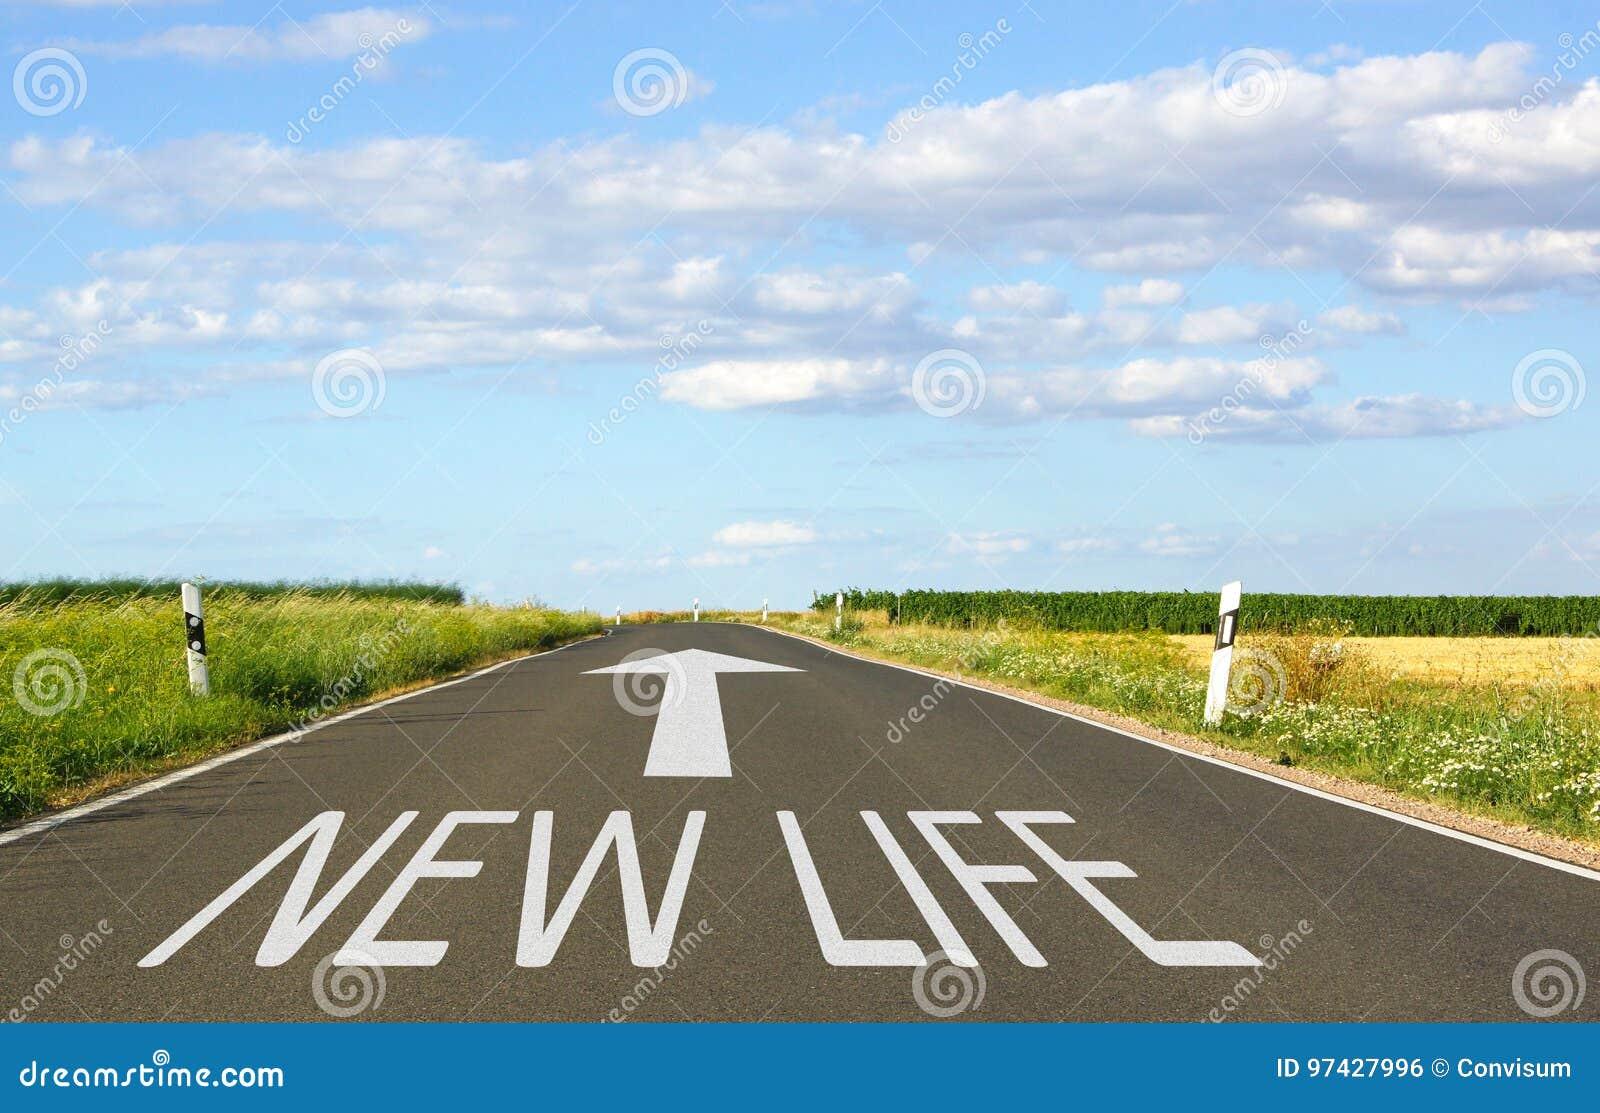 Nueva vida - calle con la flecha y el texto